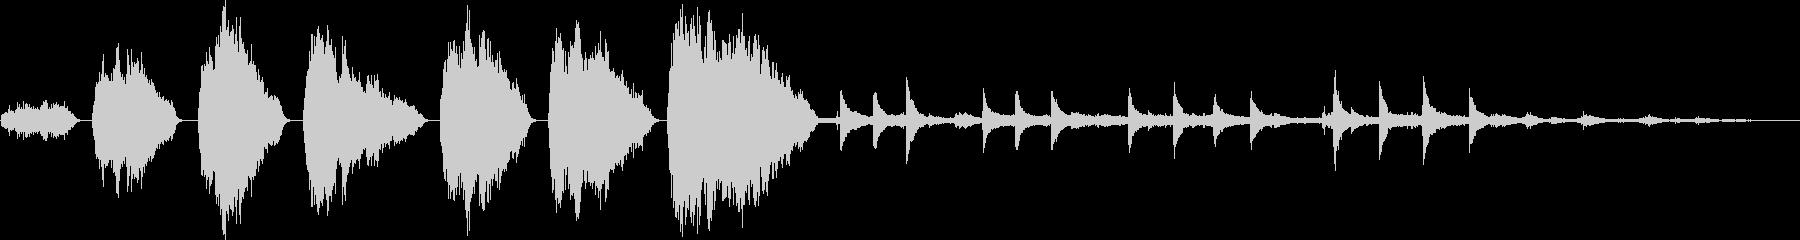 アンビエントニューエイジ、合唱団ボ...の未再生の波形